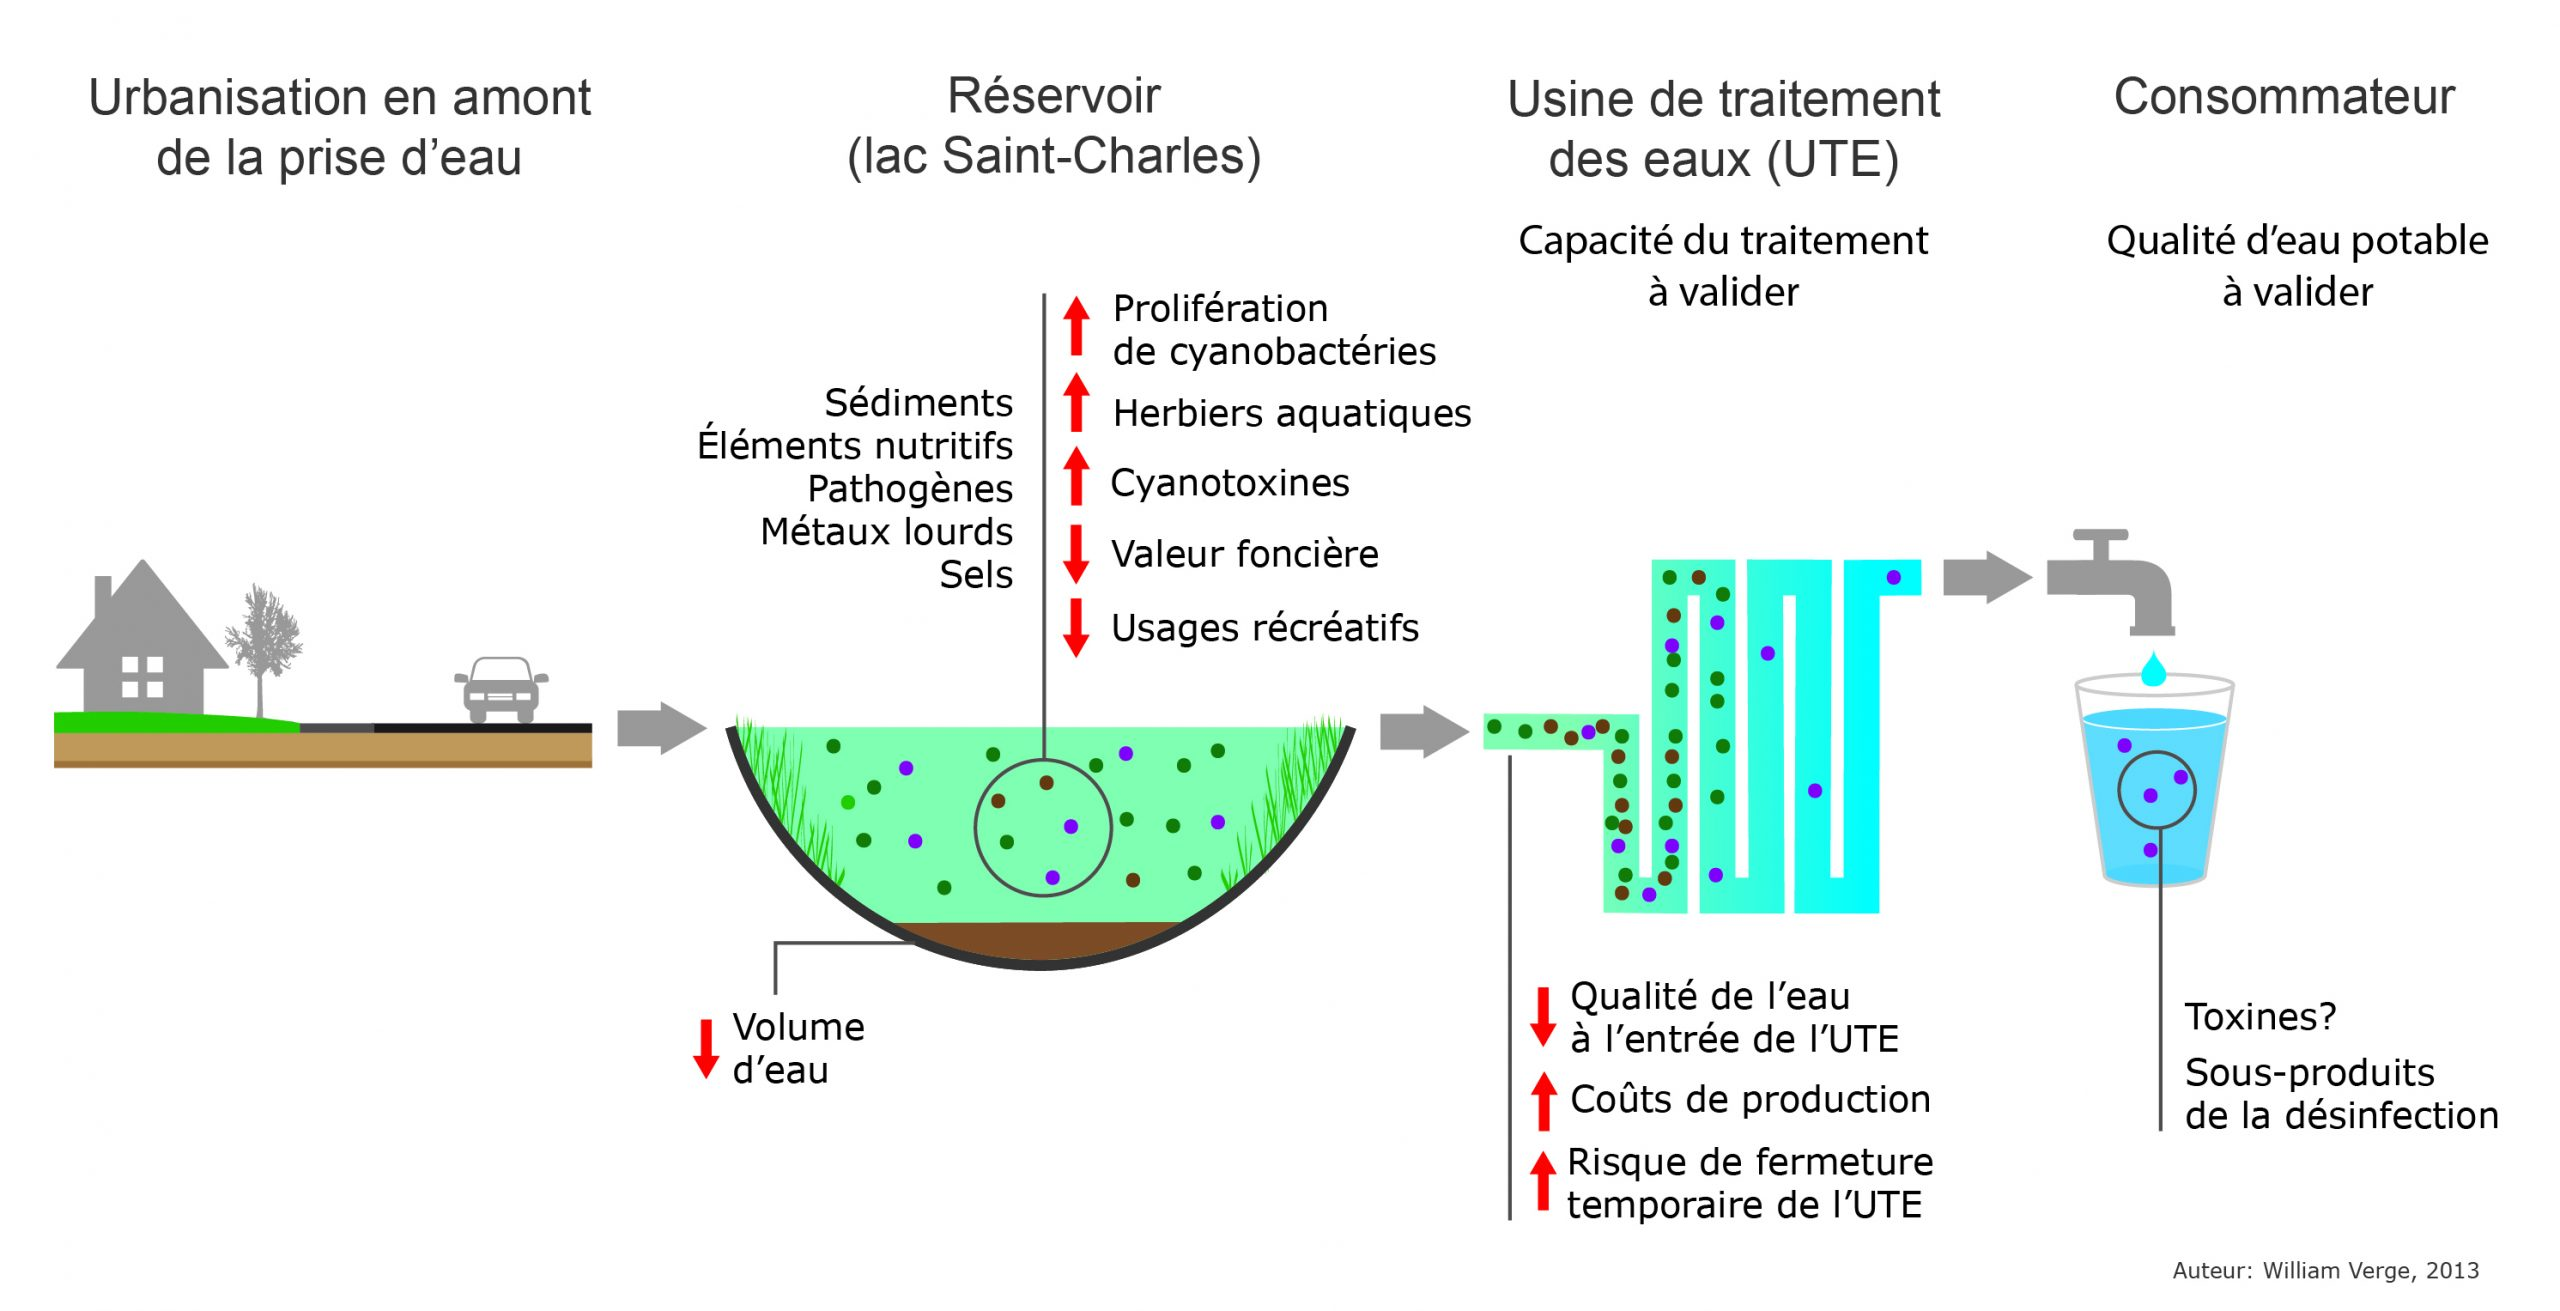 Figure : Impacts de l'urbanisation sur l'eau